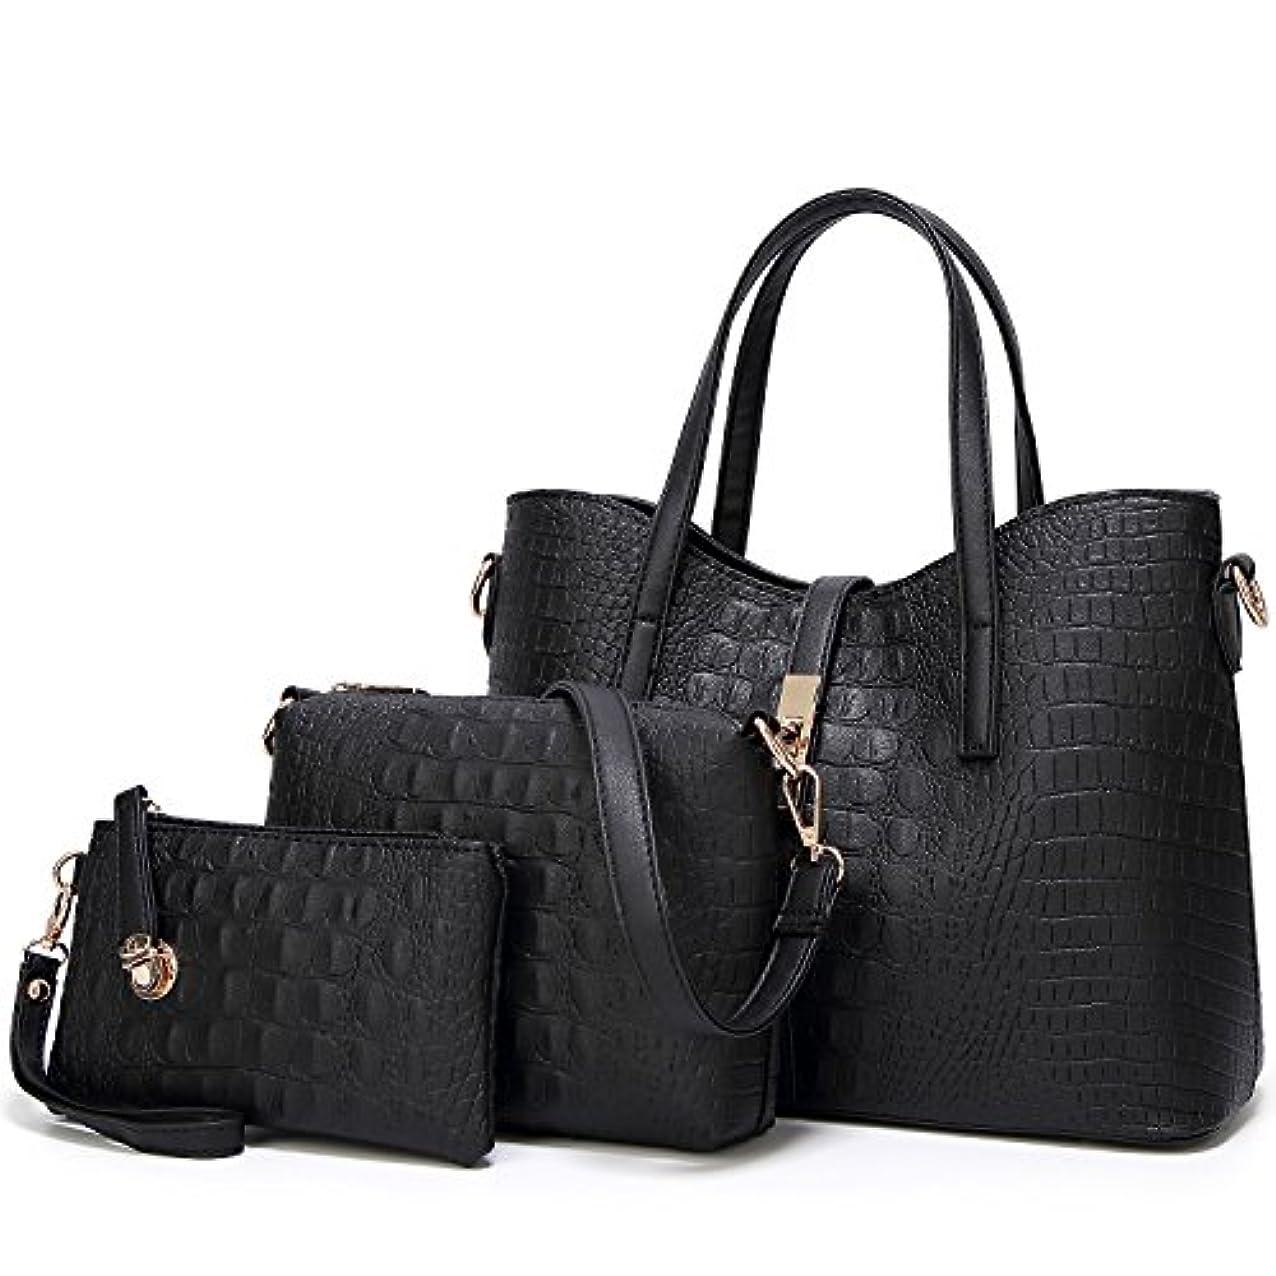 縮約周り定常[TcIFE] ハンドバッグ レディース トートバッグ 大容量 無地 ショルダーバッグ 2way 財布とハンドバッグ